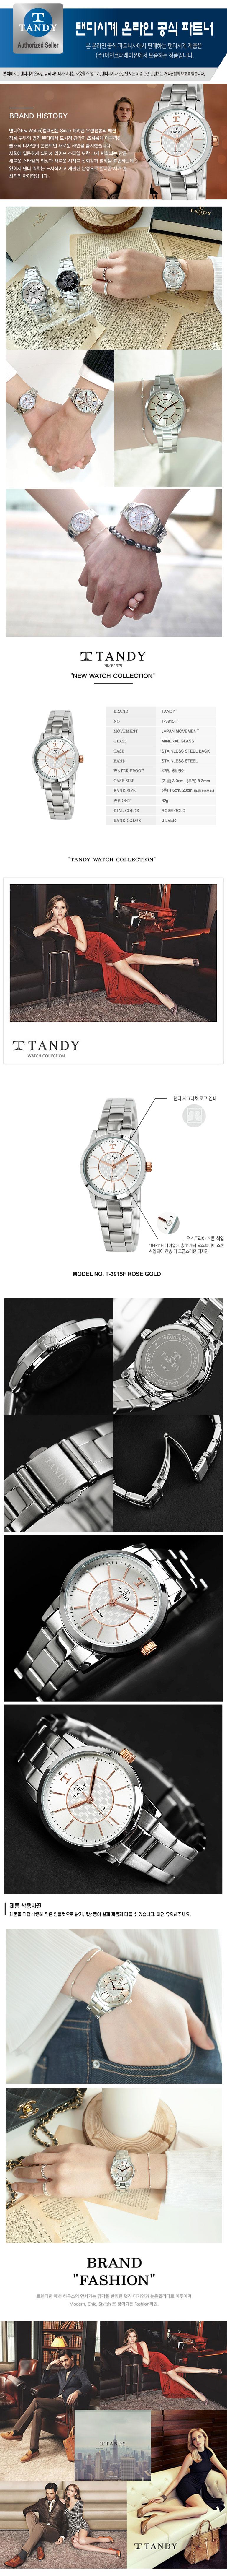 탠디(TANDY) [TANDY] 탠디 시그니쳐 럭셔리 메탈 (스와로브스키 식입) T-3915 로즈골드 여자 손목시계